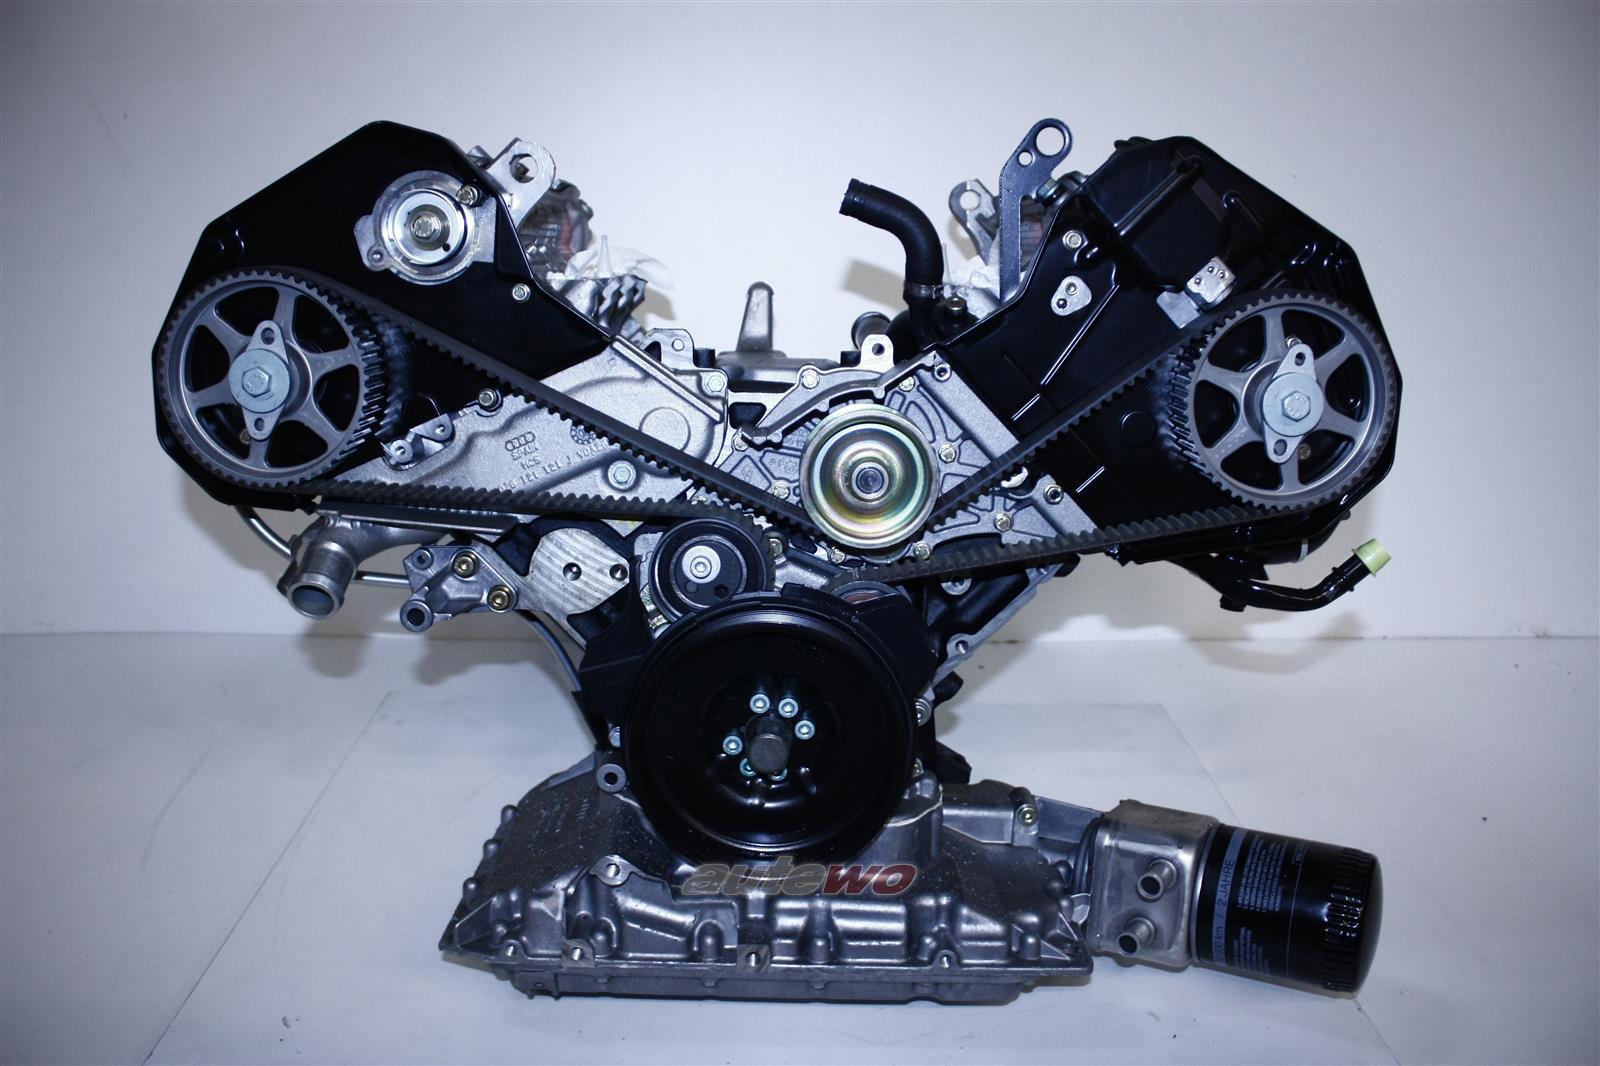 078100032MX/NX  NEU Audi A4 B5/A6 4B 2.4l 6 Zylinder APS Rumpfmotor